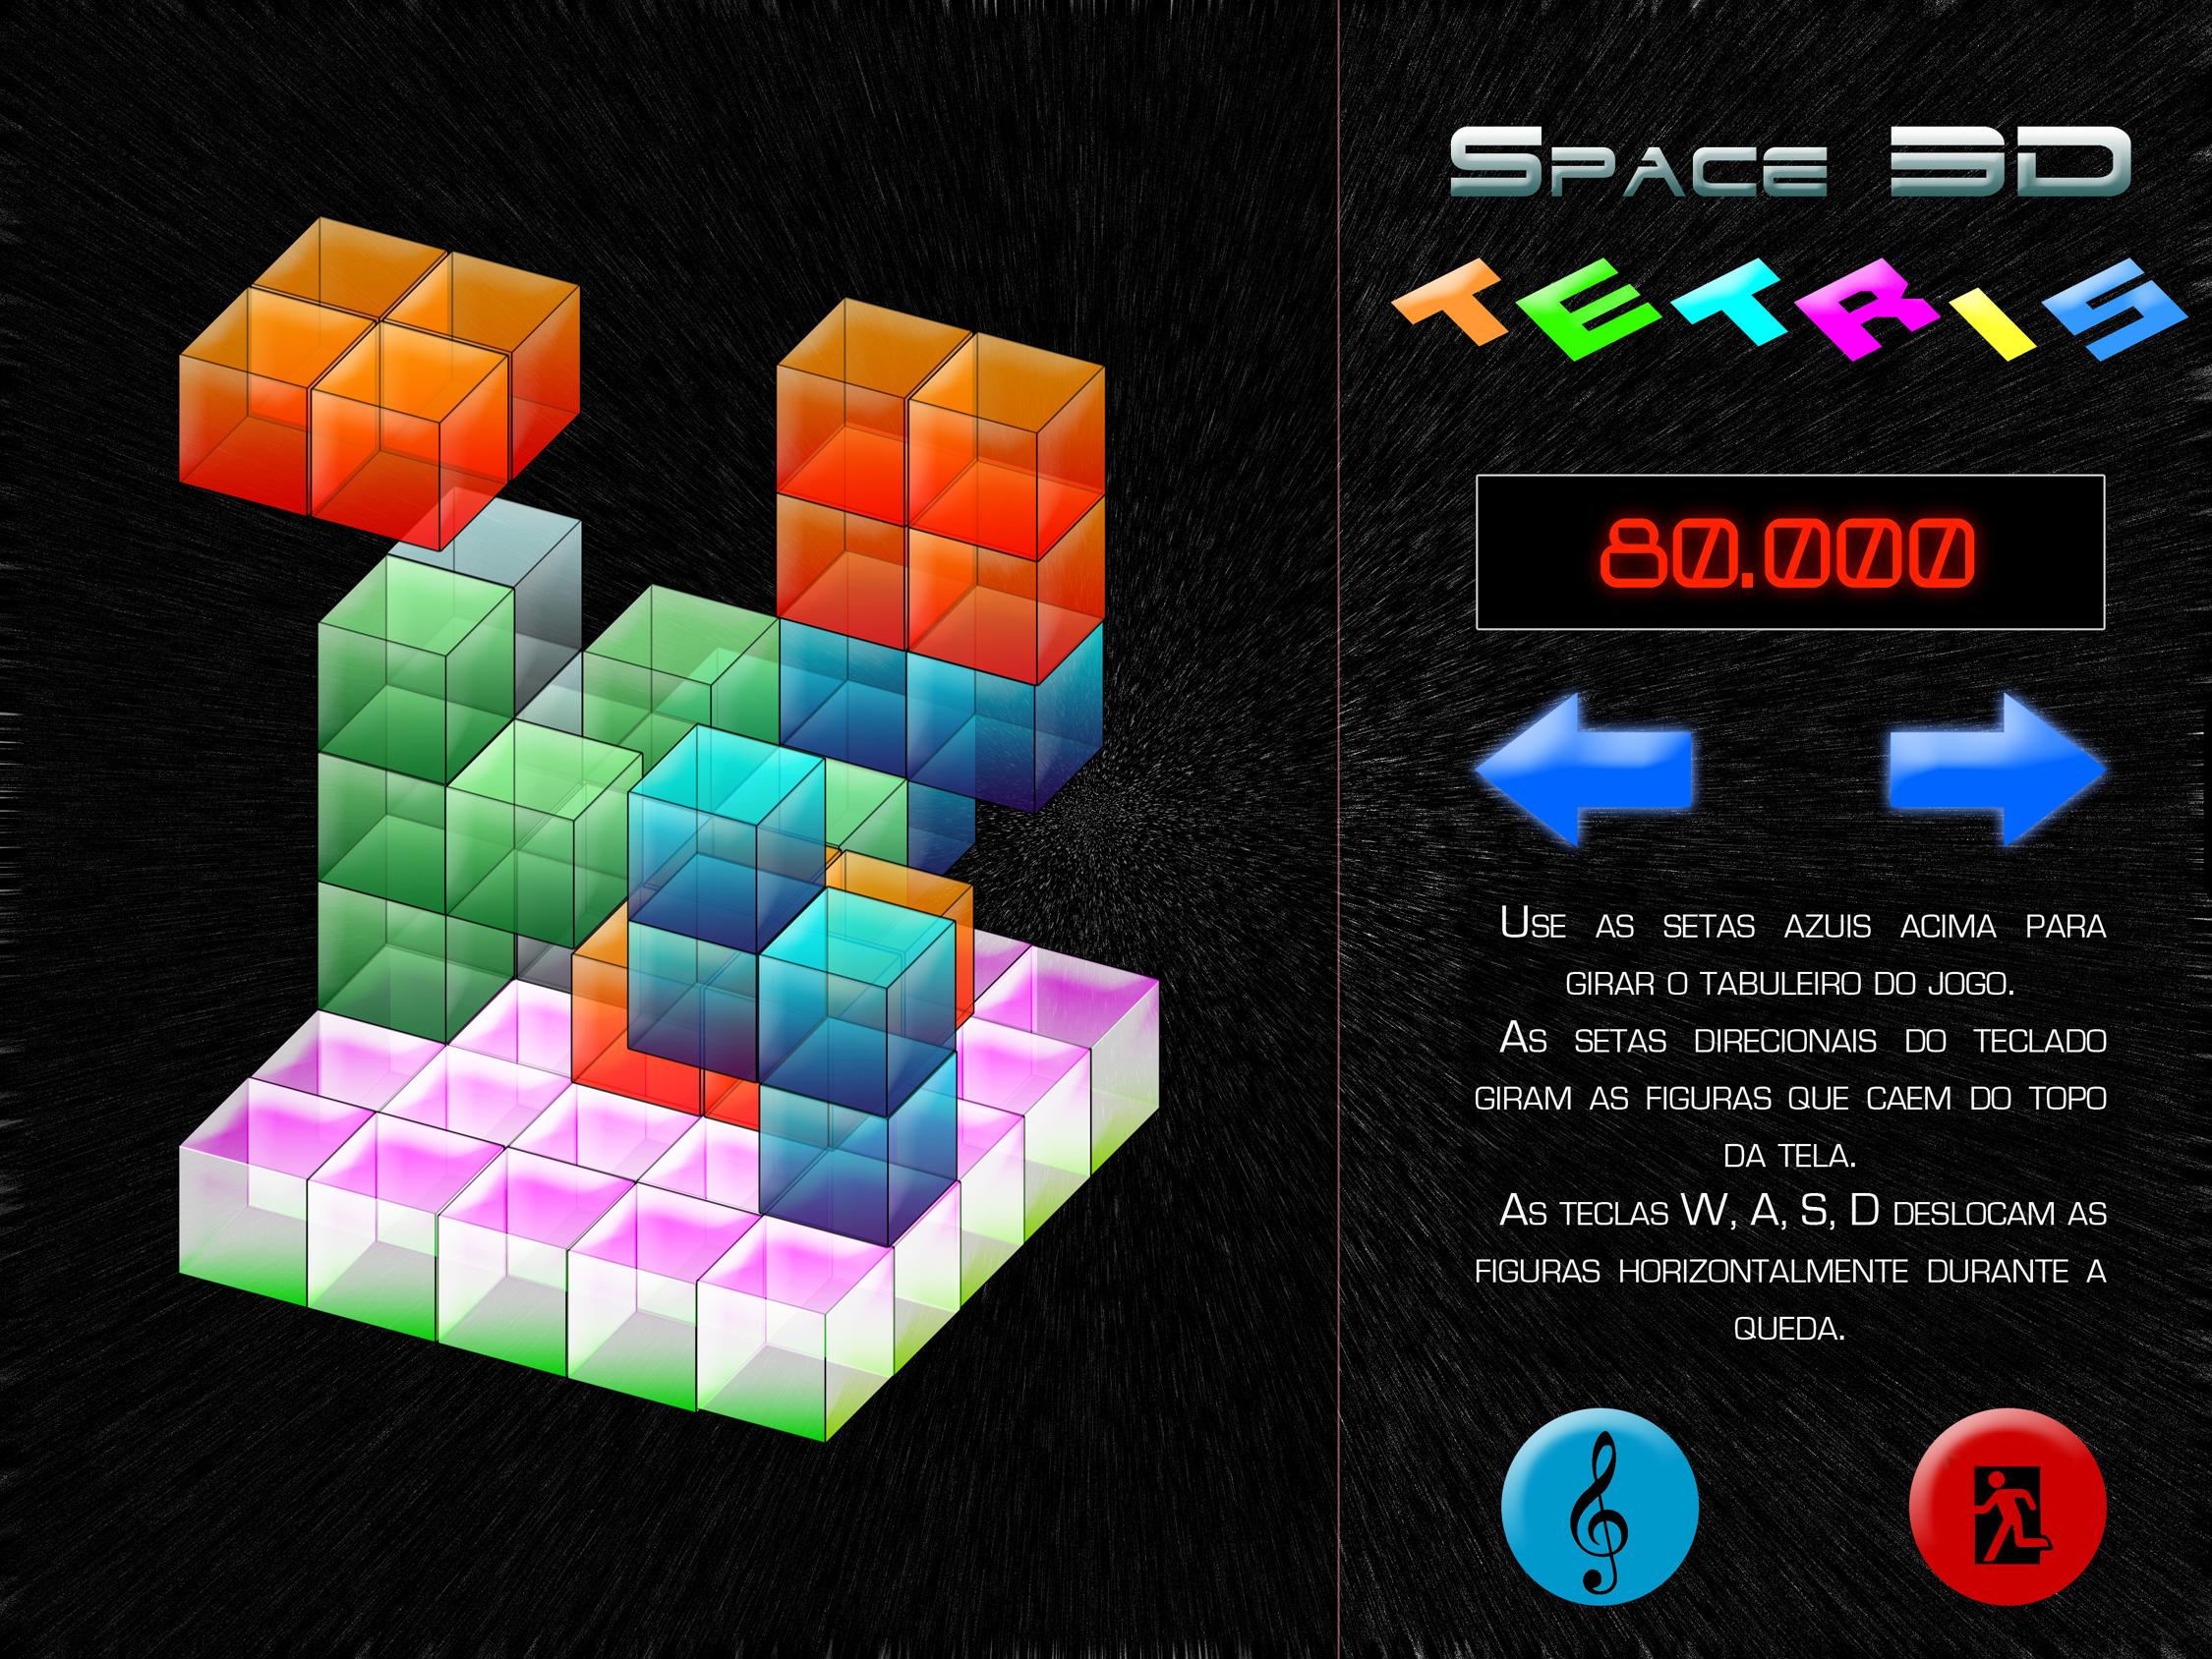 Space 3D Tetris Concept Art